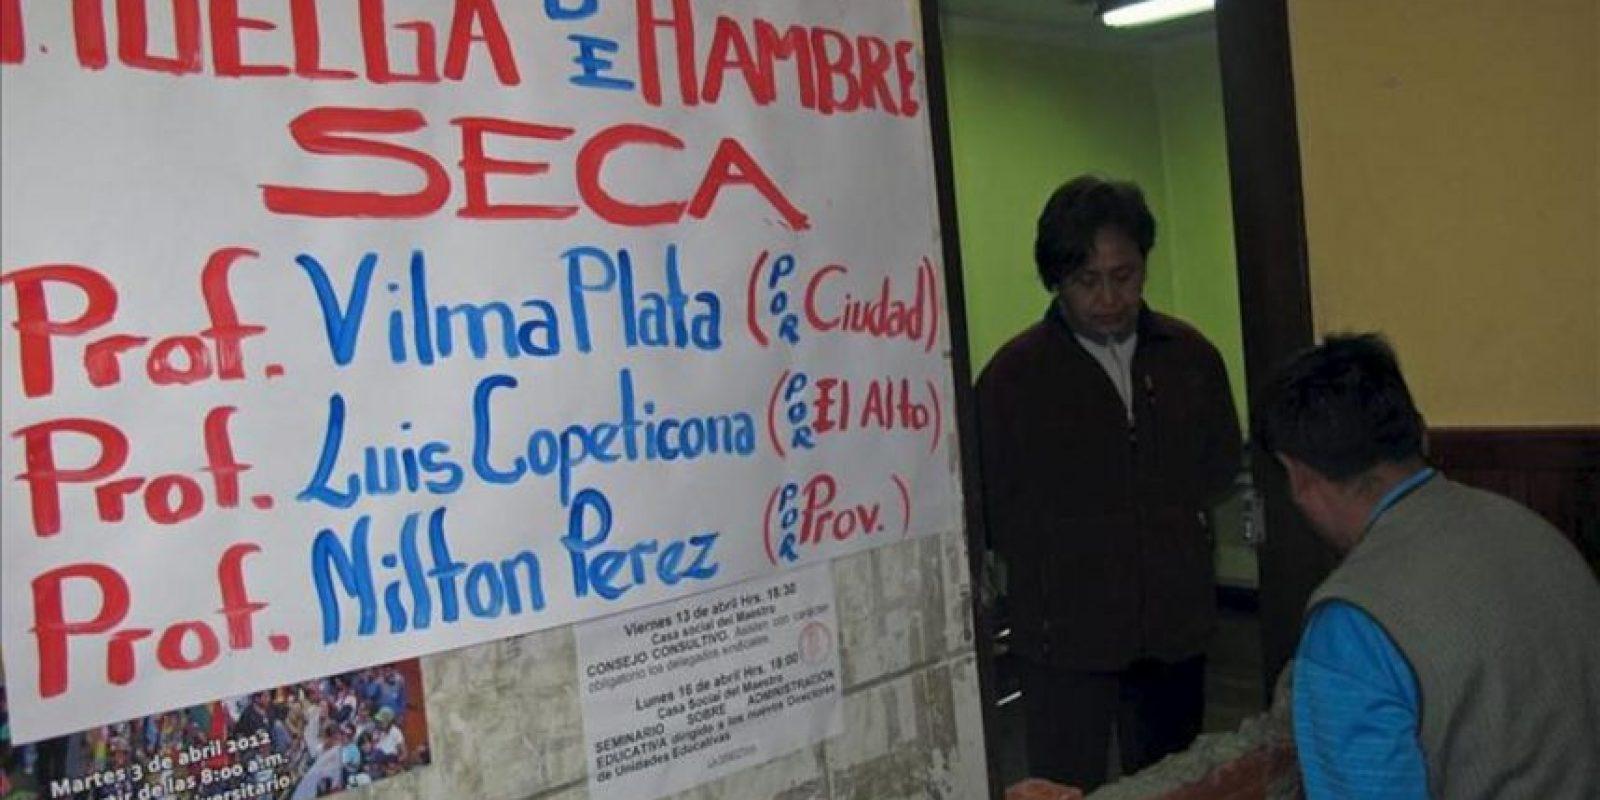 Imagen de la dirigente del magisterio de la Paz Wilma Plata (d) y otros dirigentes del sindicato de maestros el pasado 16 de abril de 2012, en su sede sindical. EFE